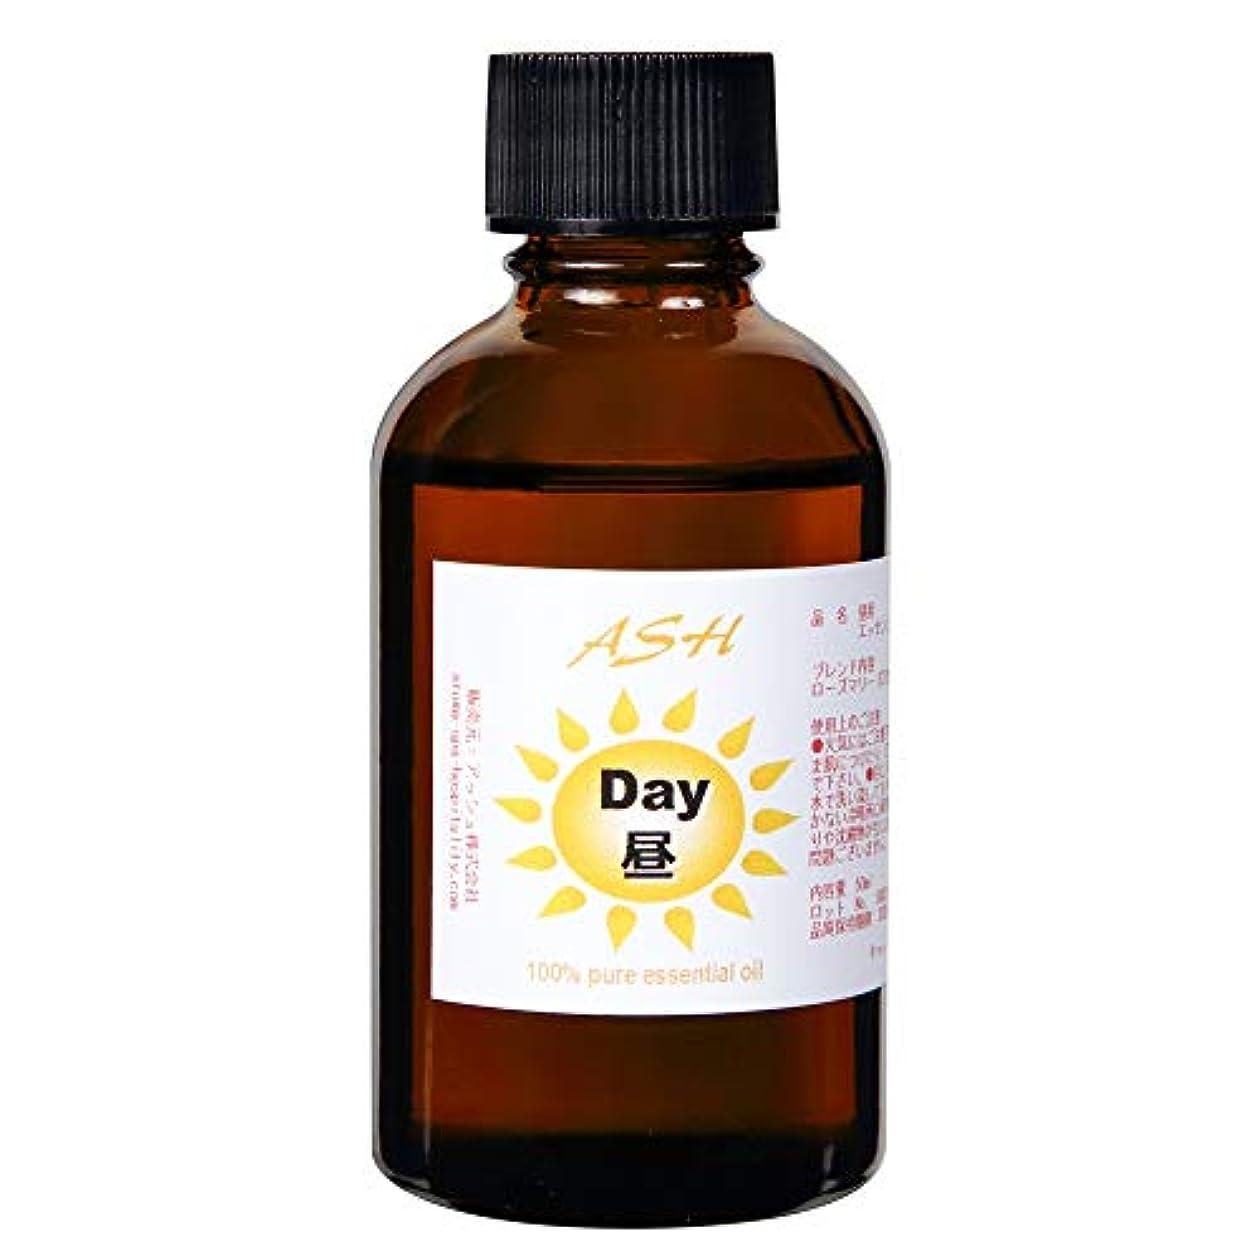 人コールド付録ASH Day(昼用)エッセンシャルオイルブレンド50ml【ローズマリー+レモン】